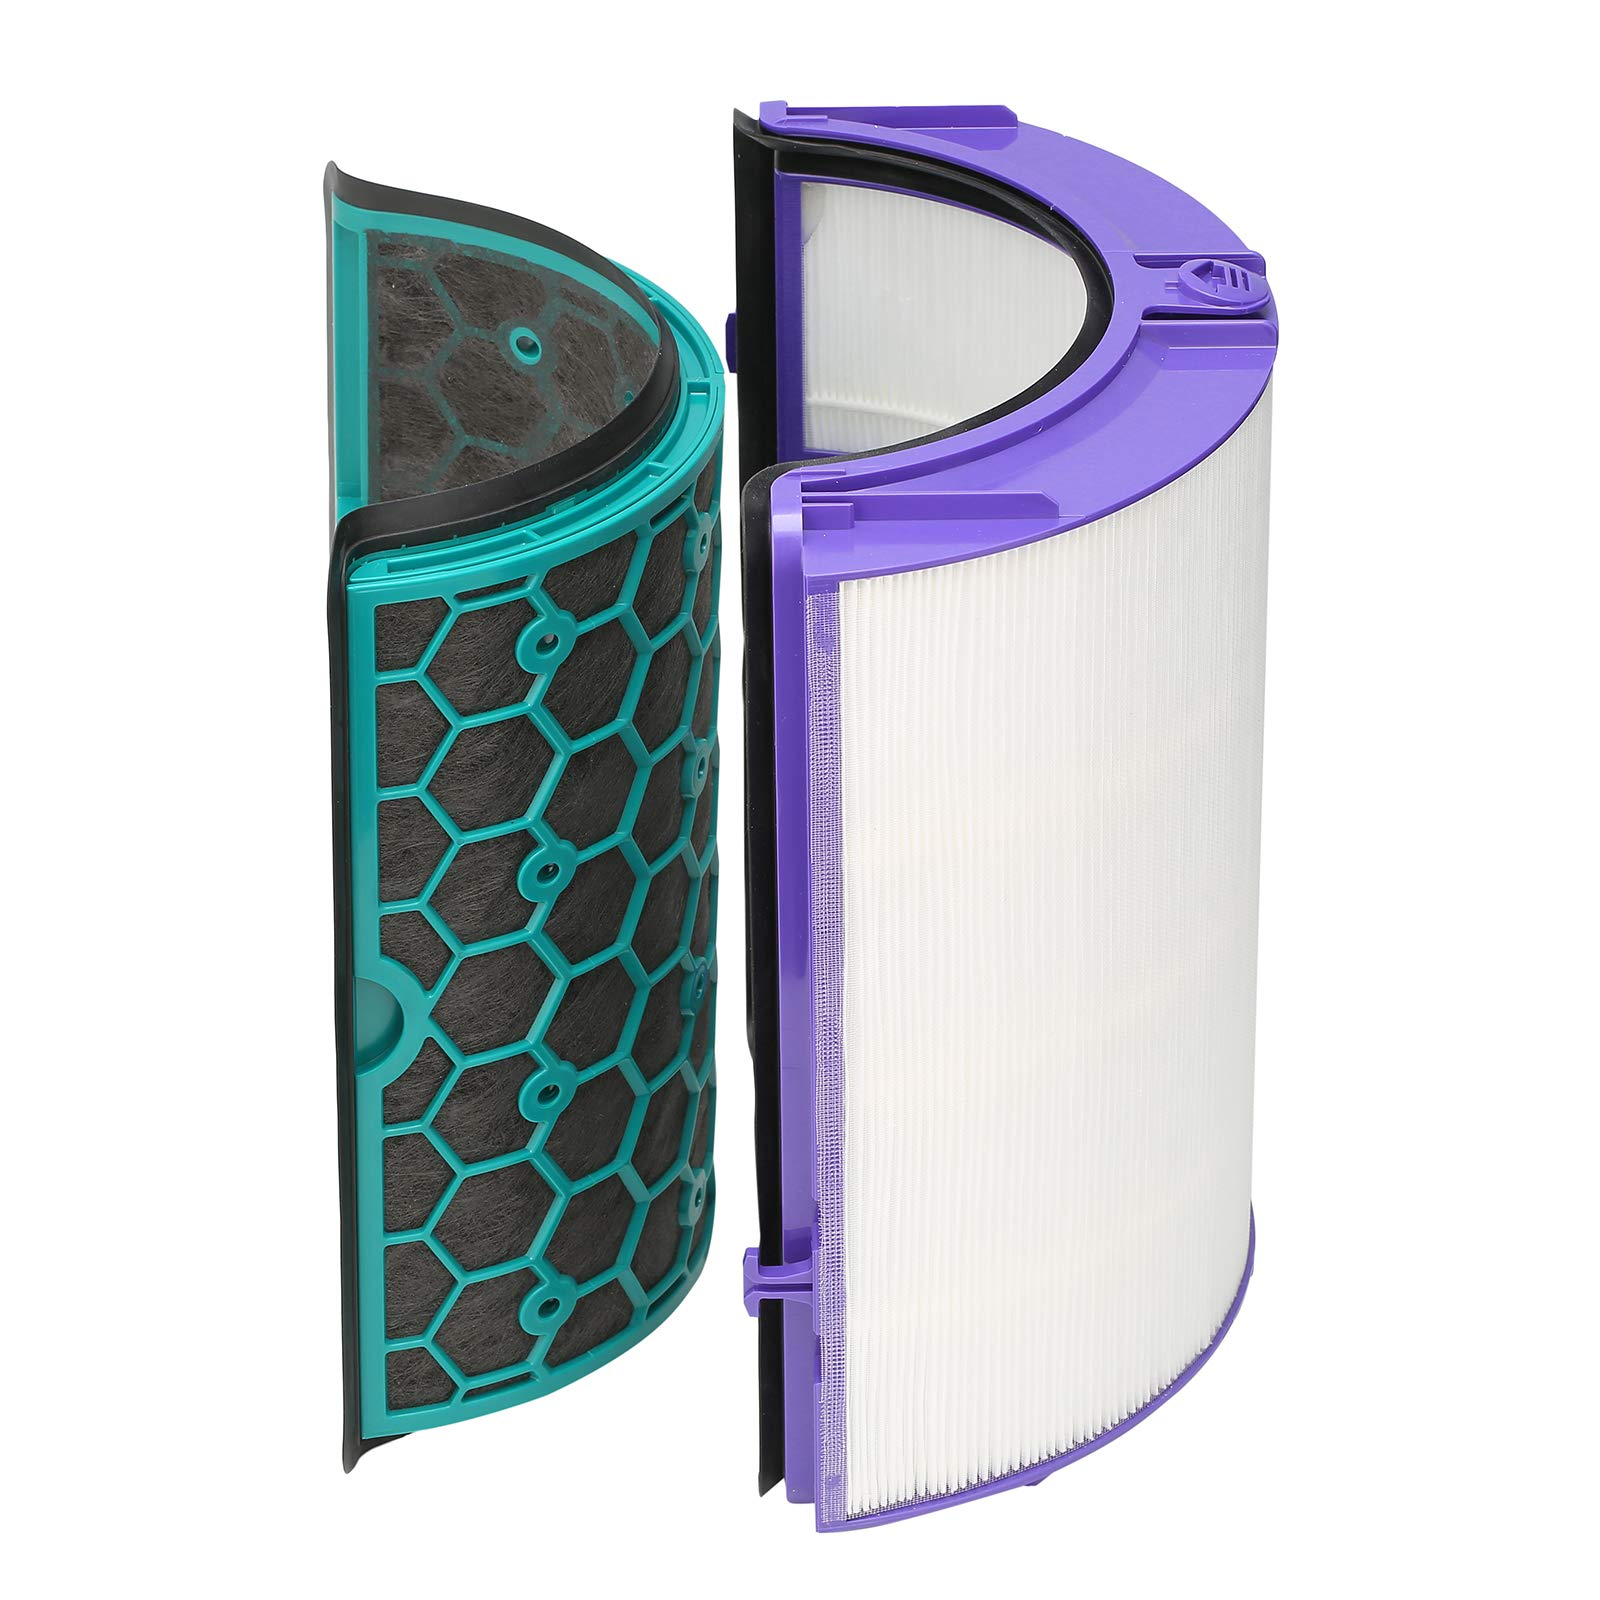 Dyson DP04 HP04 TP04 Pure CoolTM Filtro HEPA de Vidrio purificador y Filtro Interior de carbón Activado: Amazon.es: Hogar